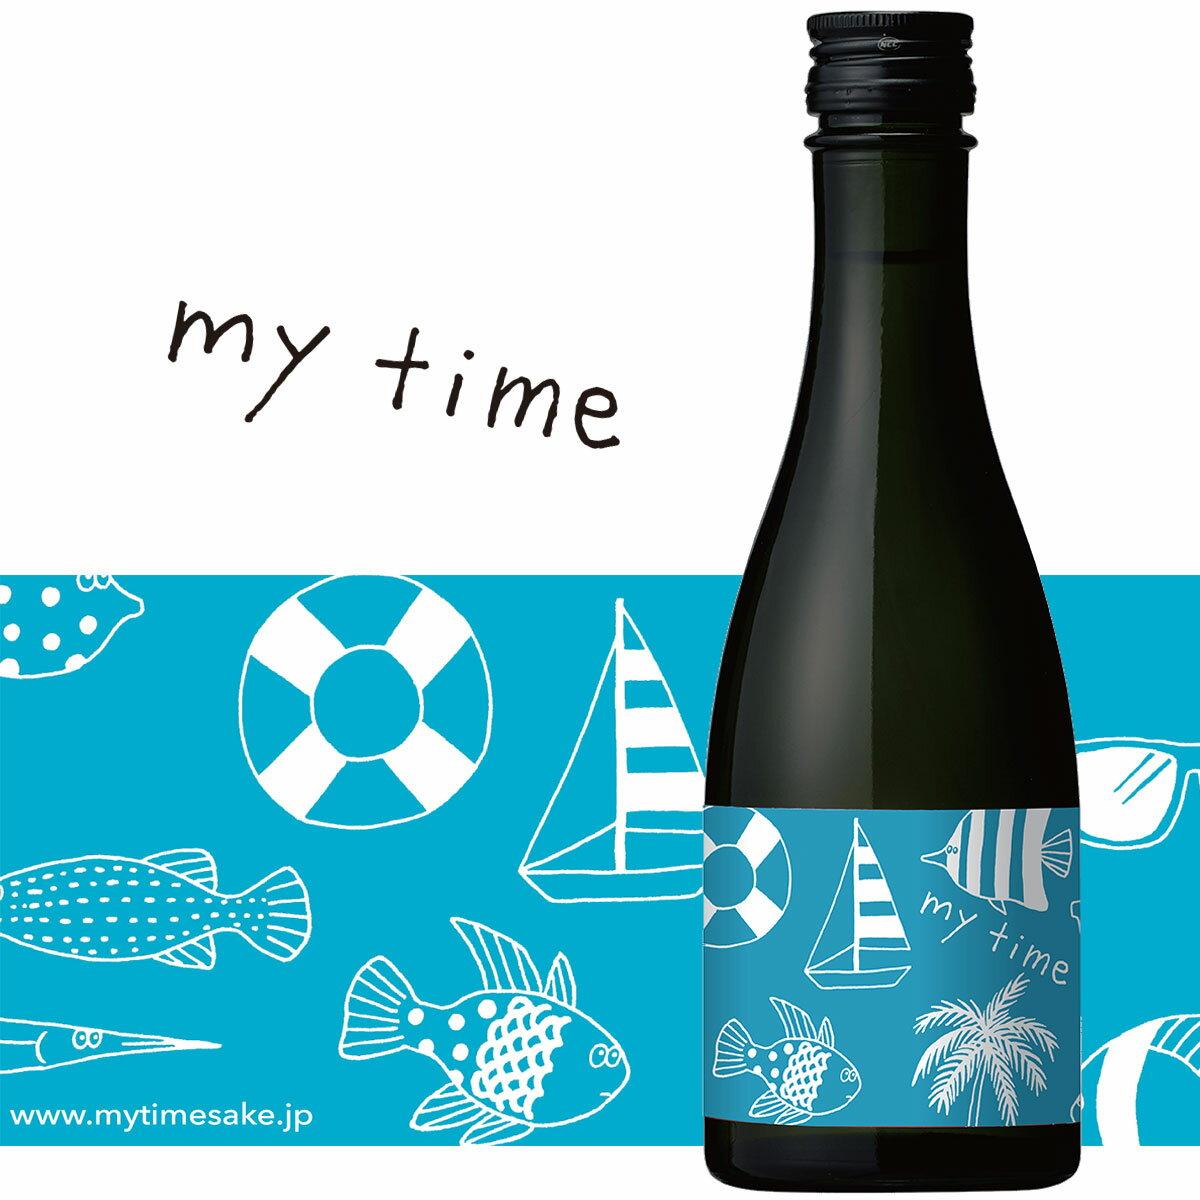 日本酒, 純米吟醸酒  sea 300ml